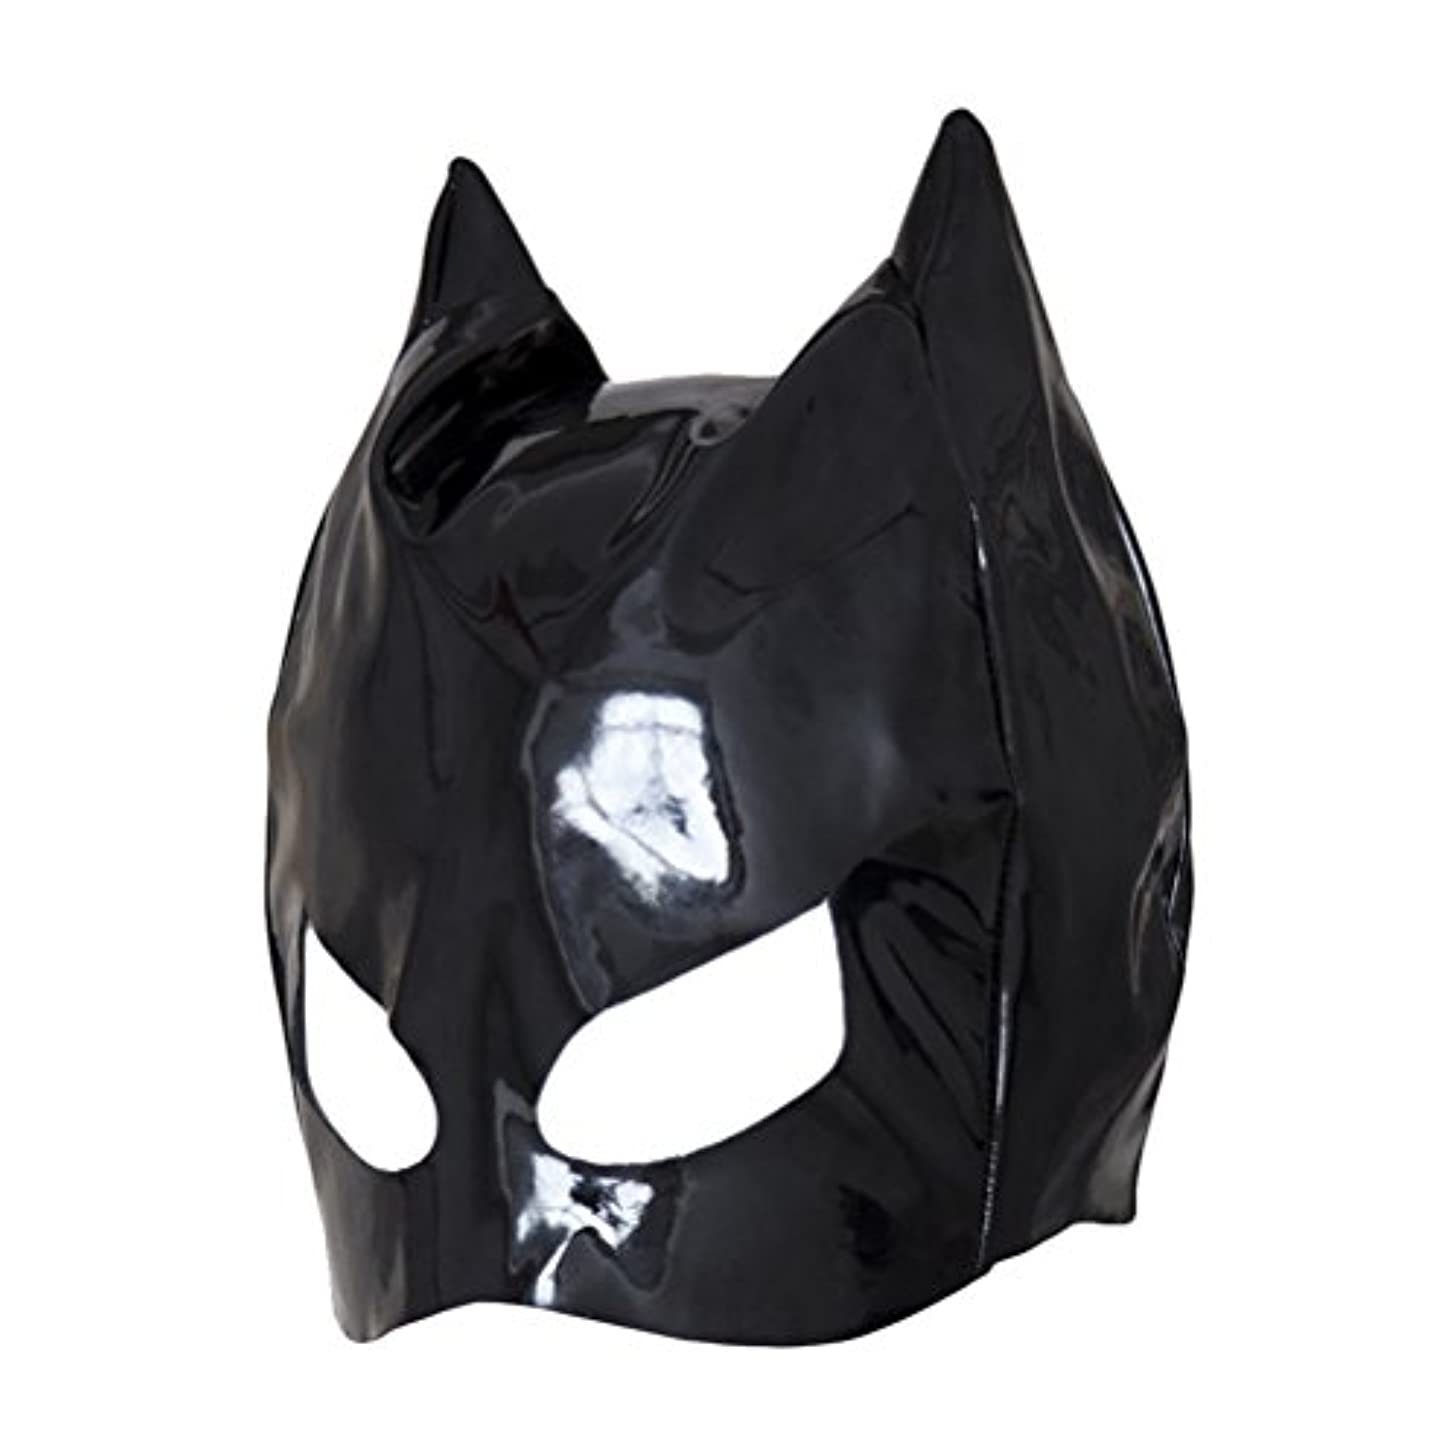 ポジティブみぞれラジカルHealifty 全頭マスク フェイスカバー オープンアイズ PUレザーフード コスプレ 衣装帽子 ユニセックス (ブラック)